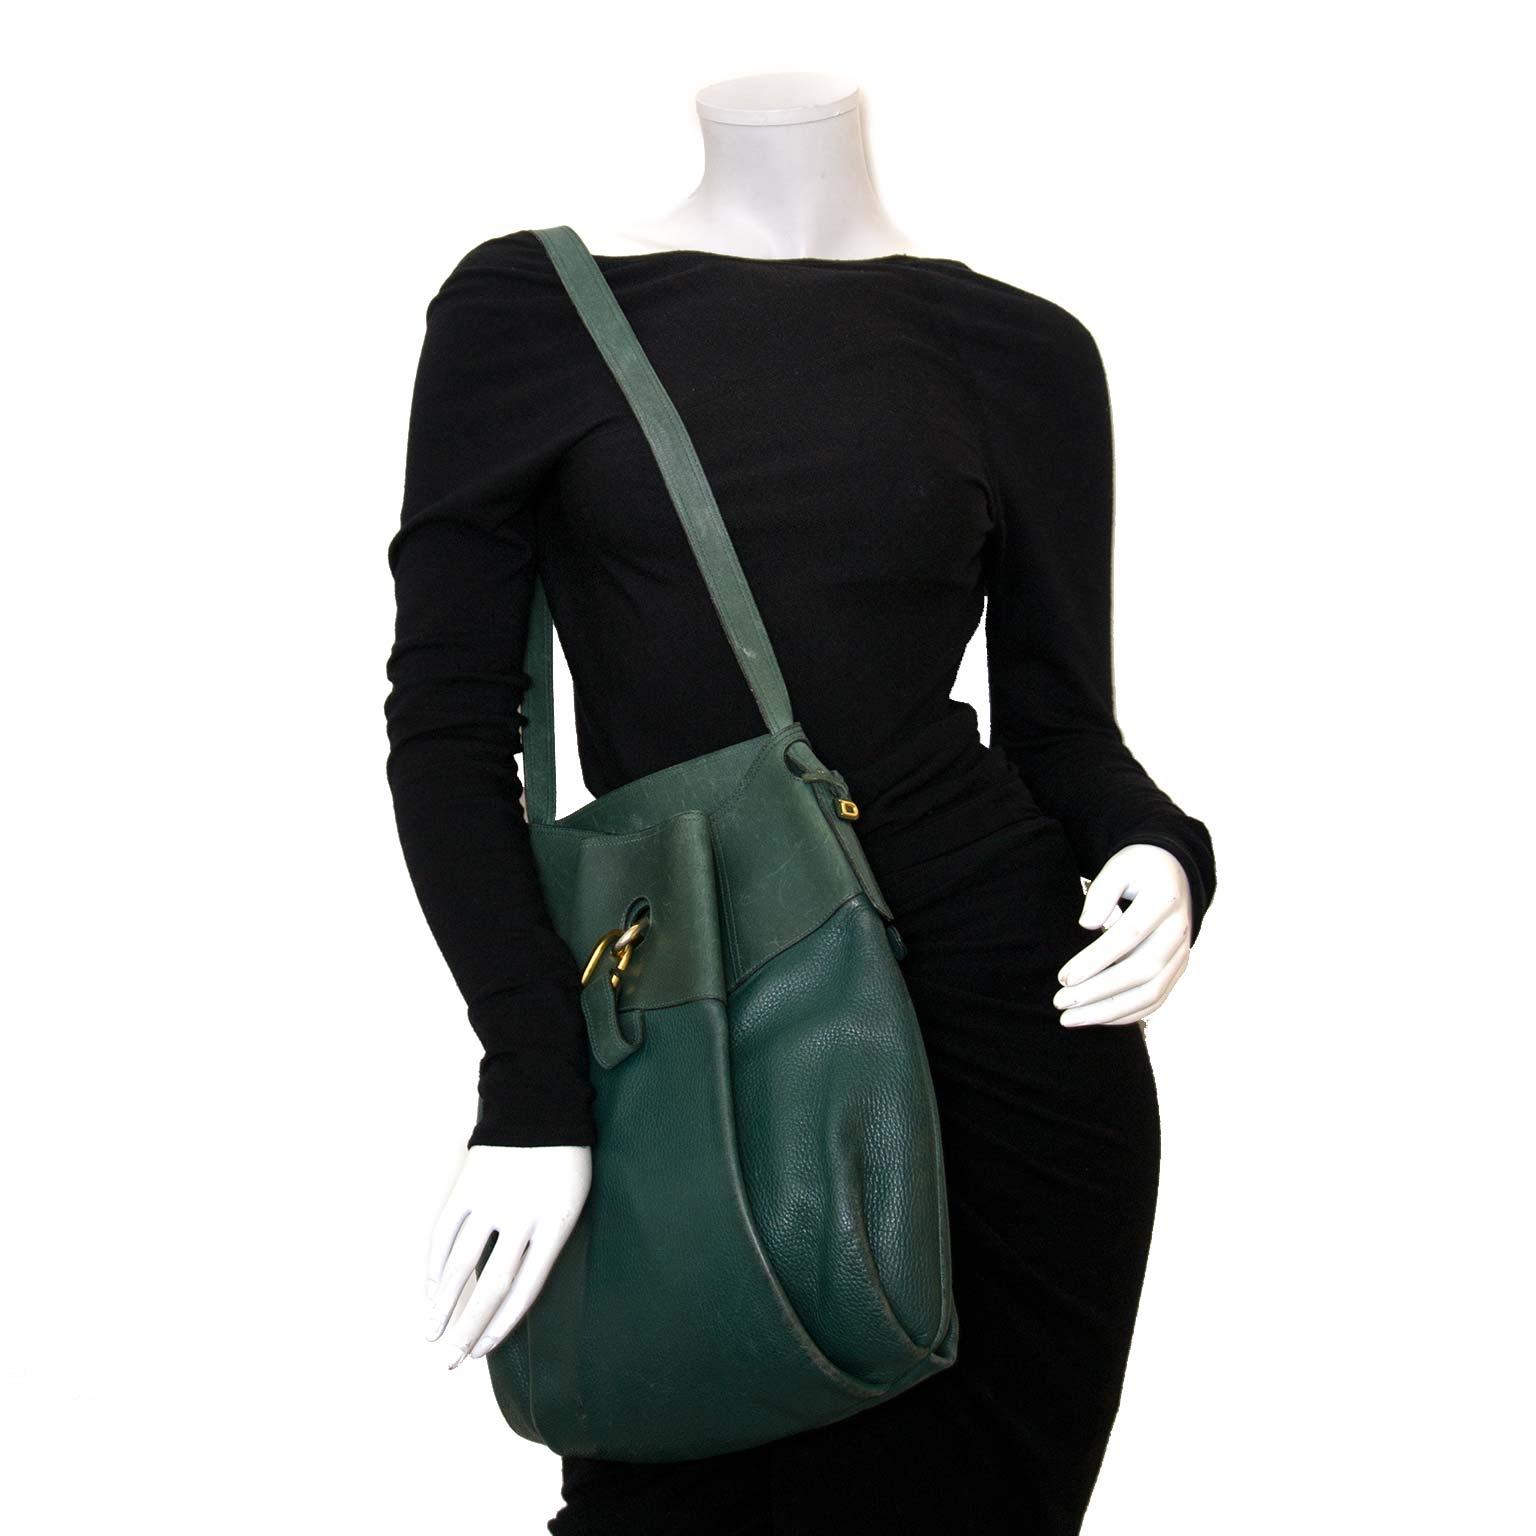 Koop authentieke Delvaux tassen bij Labellov vintage webshop